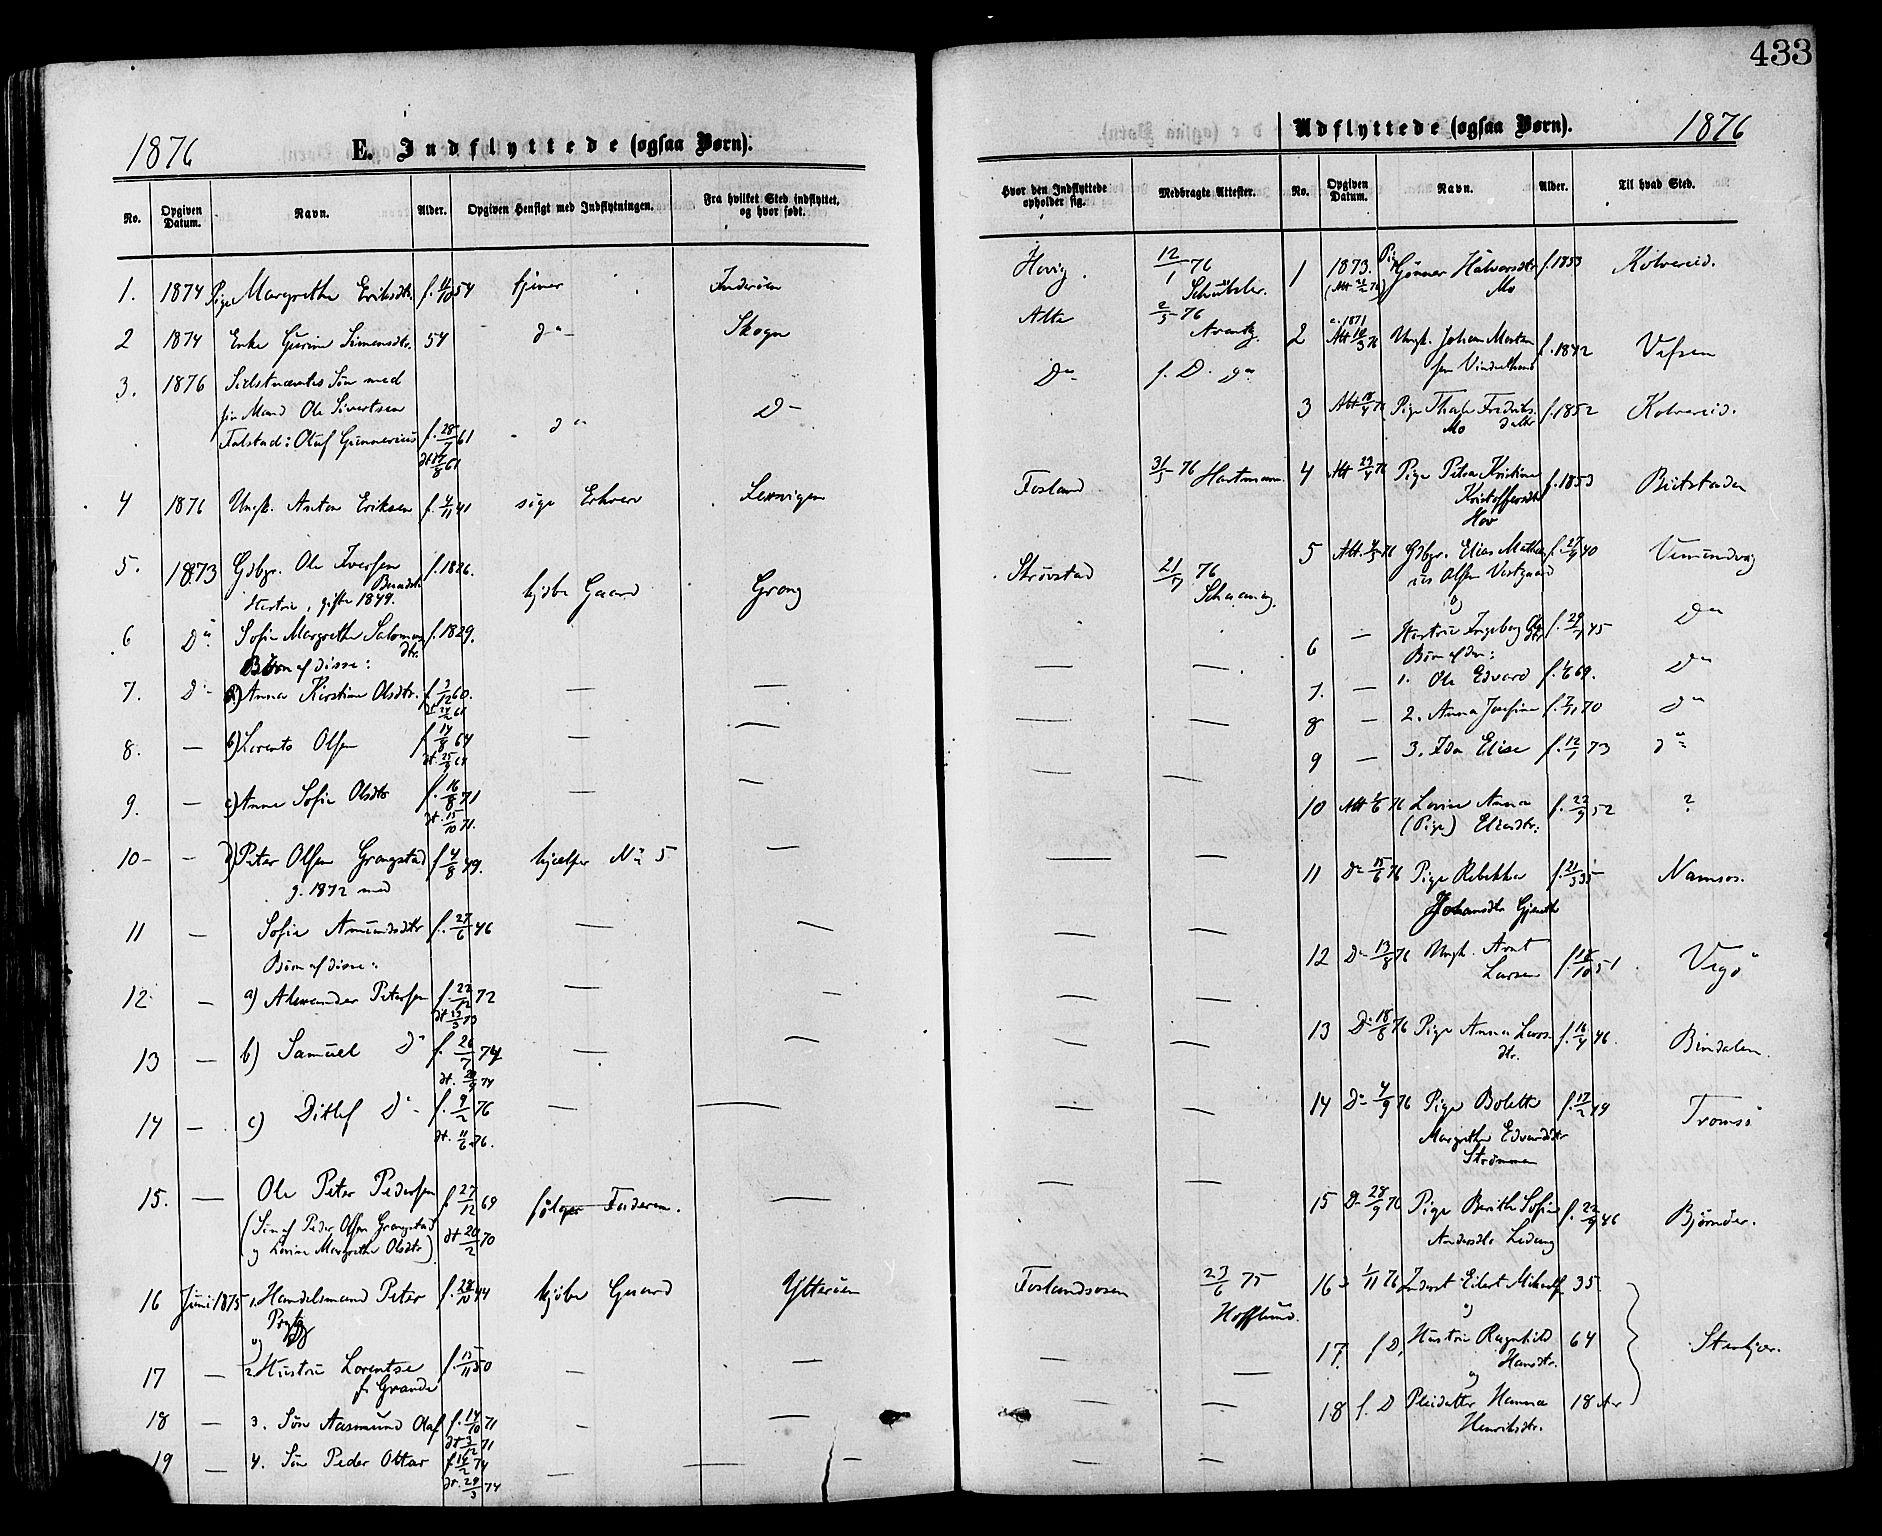 SAT, Ministerialprotokoller, klokkerbøker og fødselsregistre - Nord-Trøndelag, 773/L0616: Ministerialbok nr. 773A07, 1870-1887, s. 433